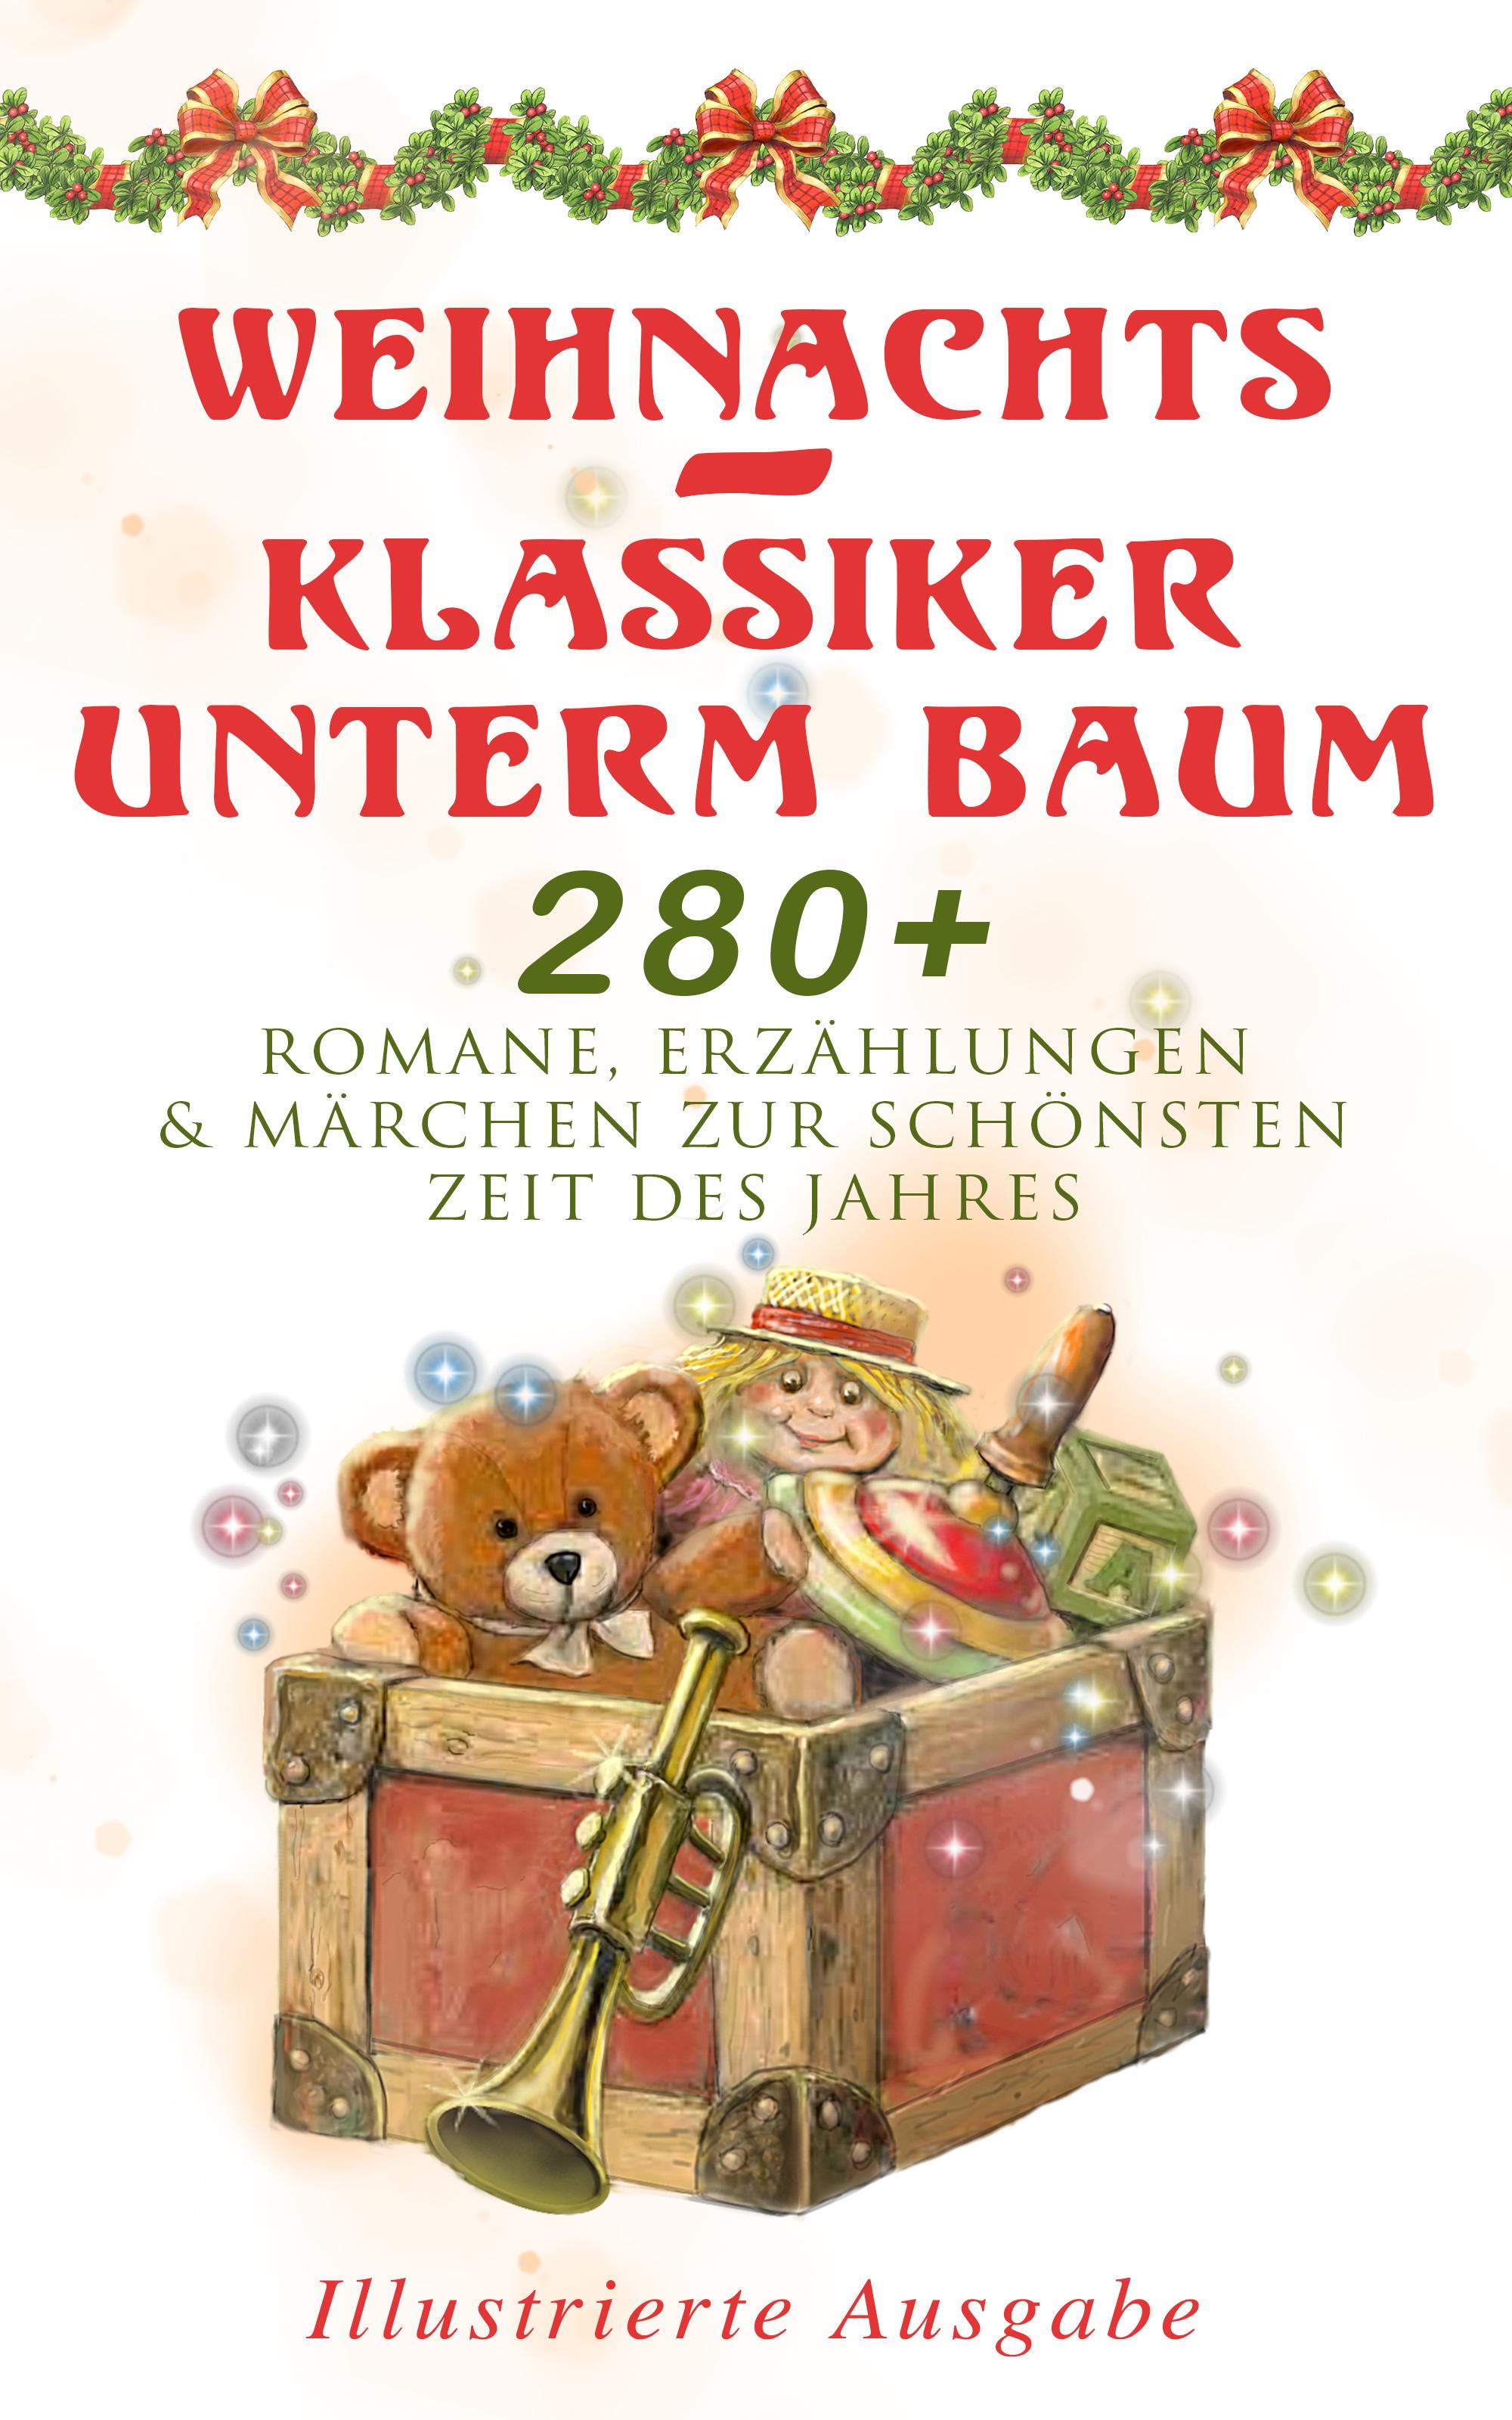 weihnachts klassiker unterm baum 280 romane erzahlungen marchen zur schonsten zeit des jahres illustrierte ausgabe